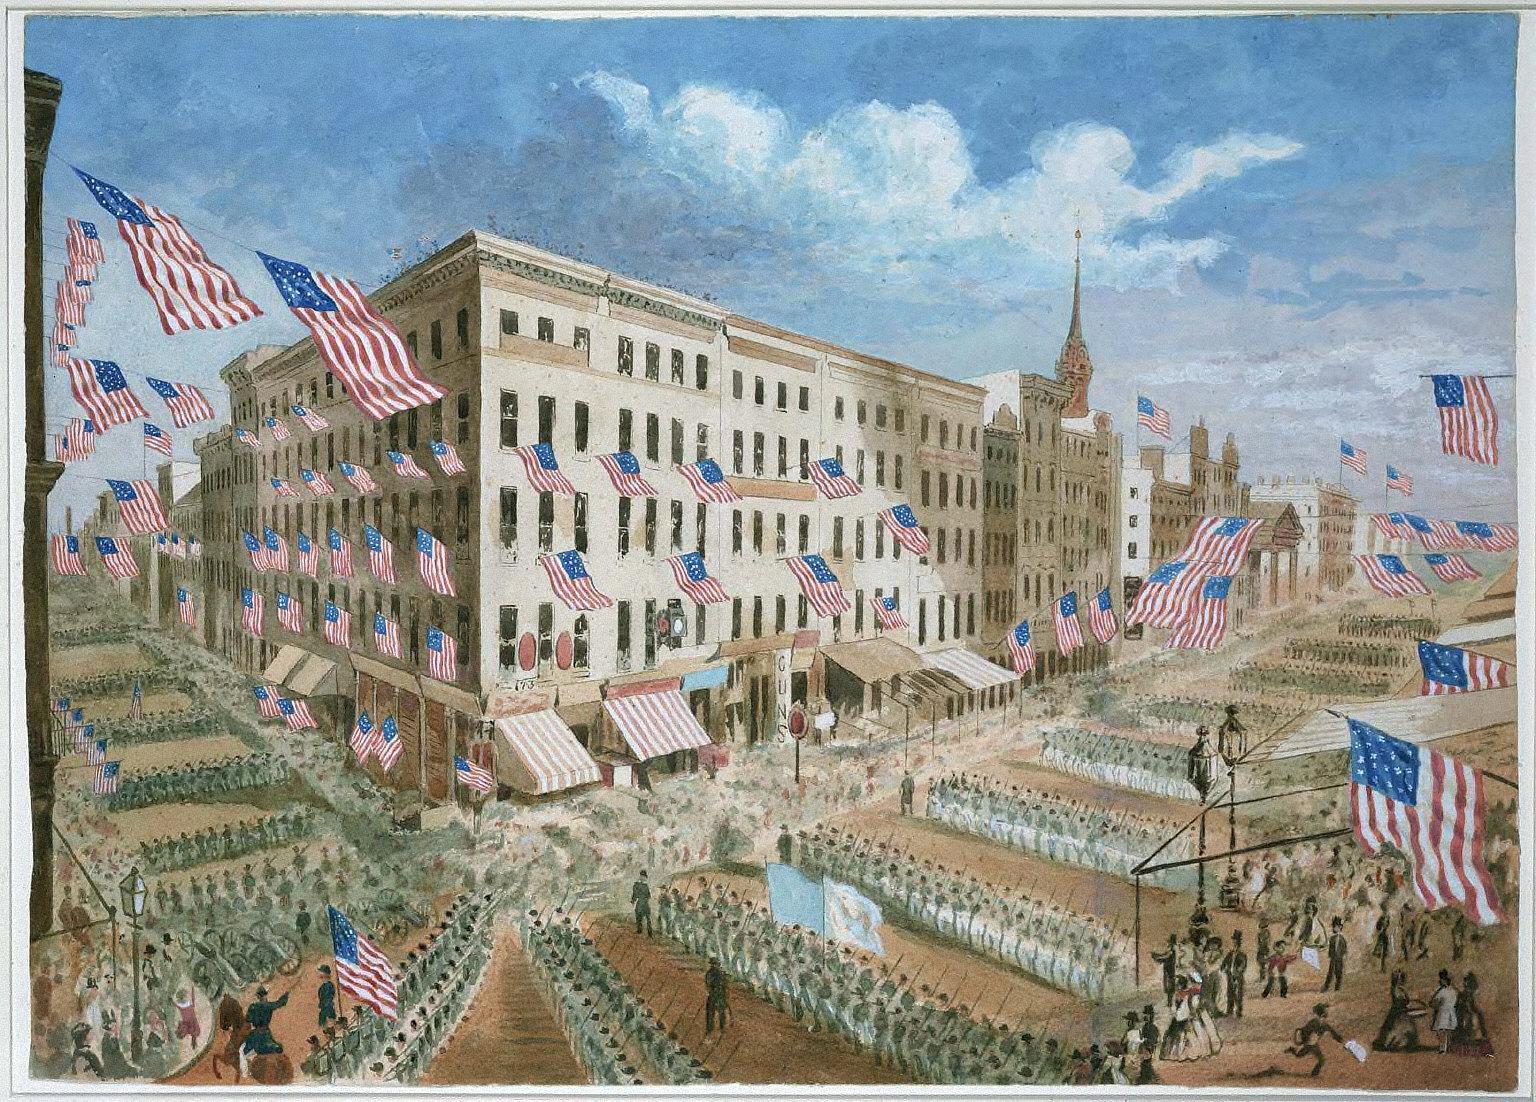 Departure of the 7th Regiment, N.Y. S.M. , April 19, 1861